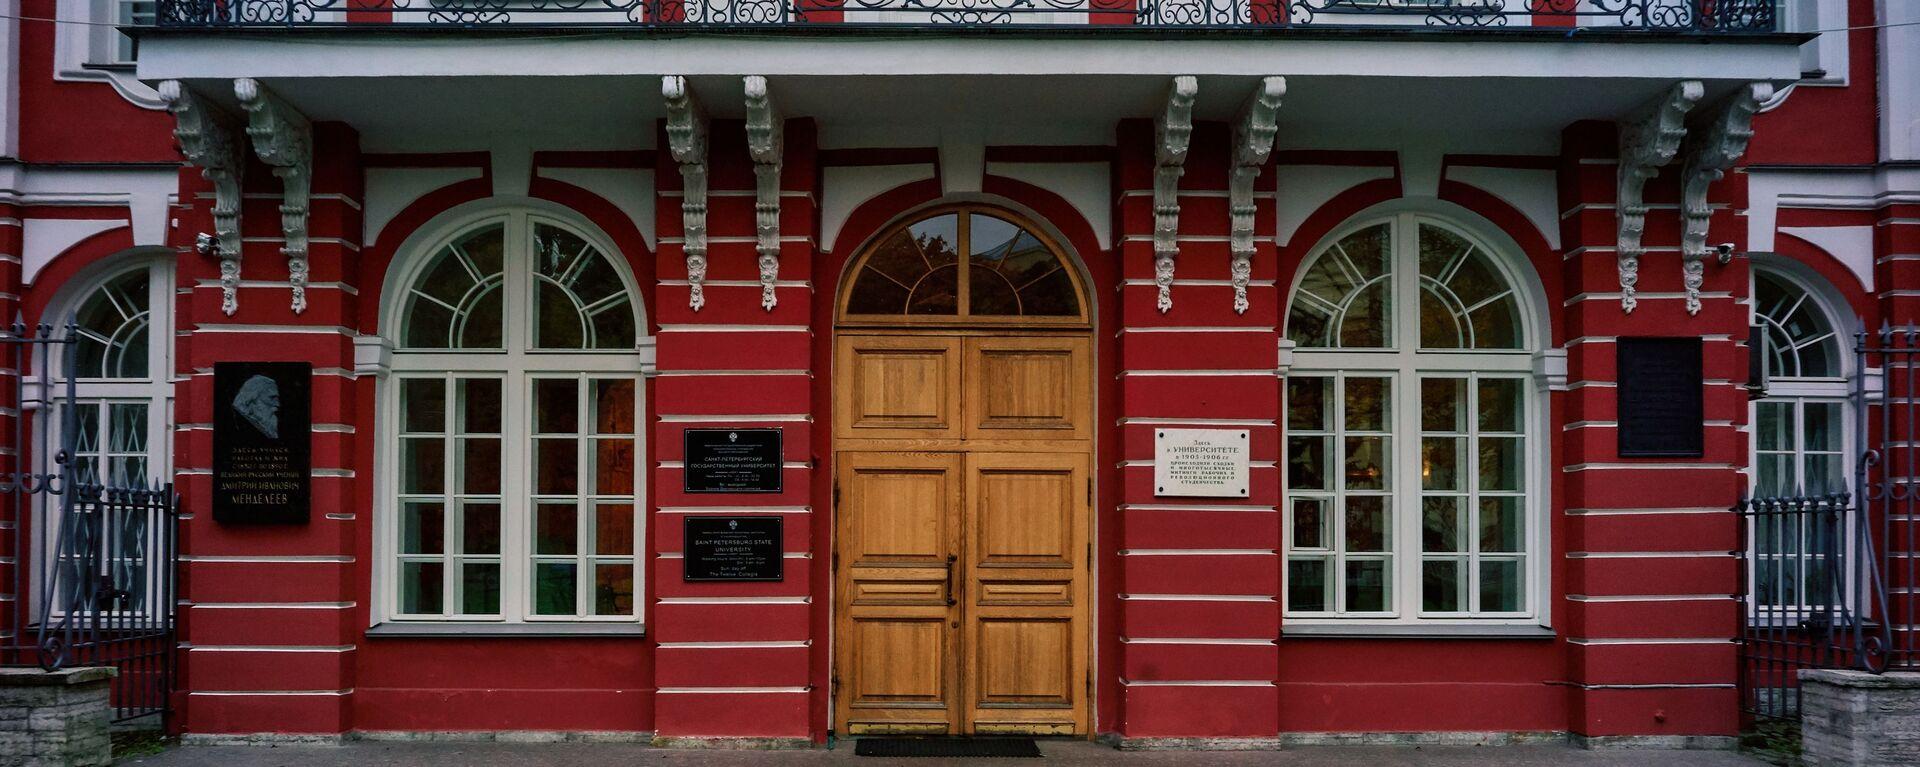 Главное здание Санкт-Петербургского Государственного университета на Васильевском острове в Санкт-Петербурге - Sputnik Узбекистан, 1920, 13.01.2021